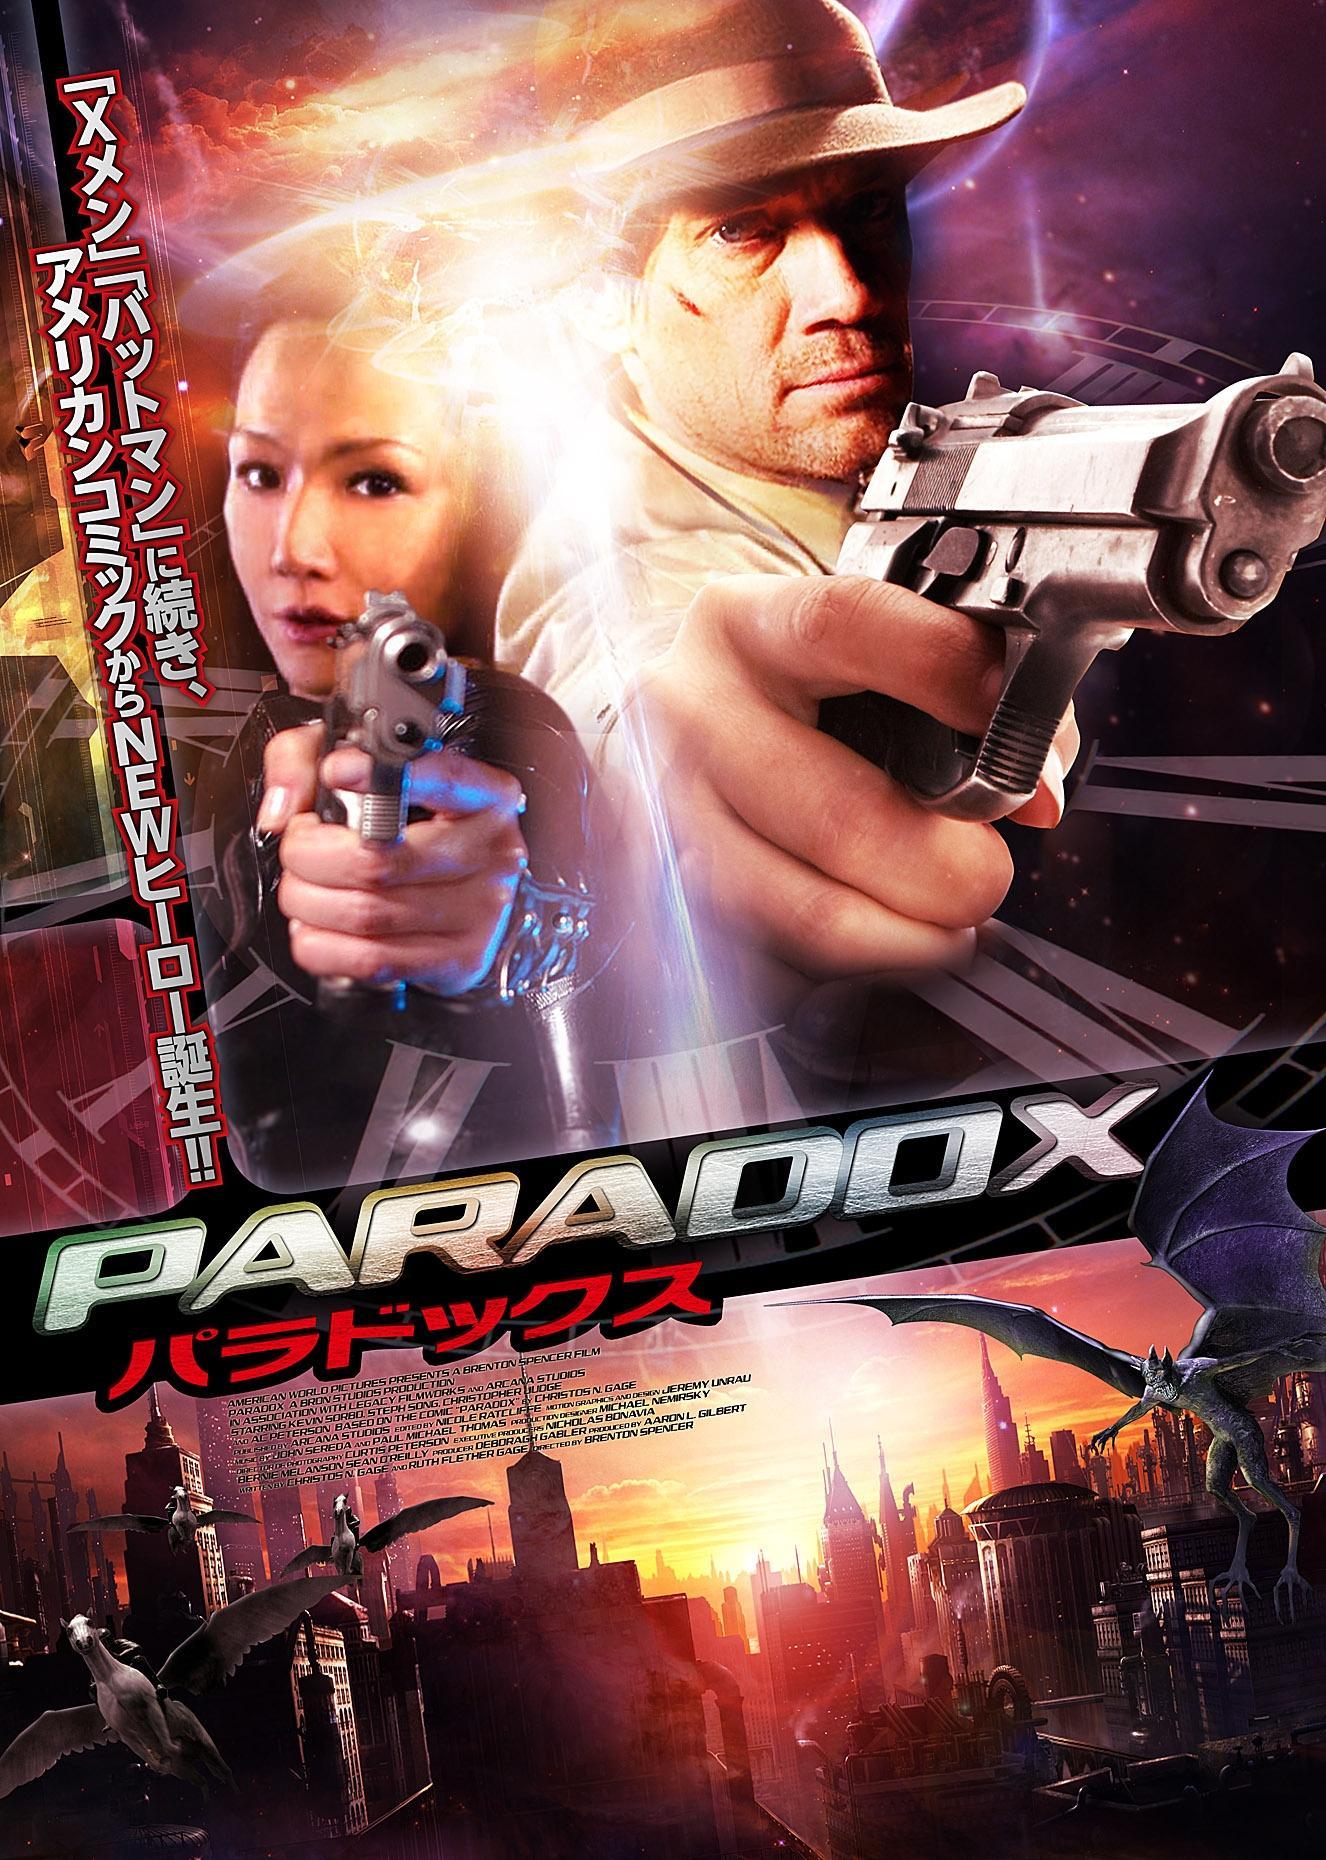 パラドックス PARADOX のサムネイル画像